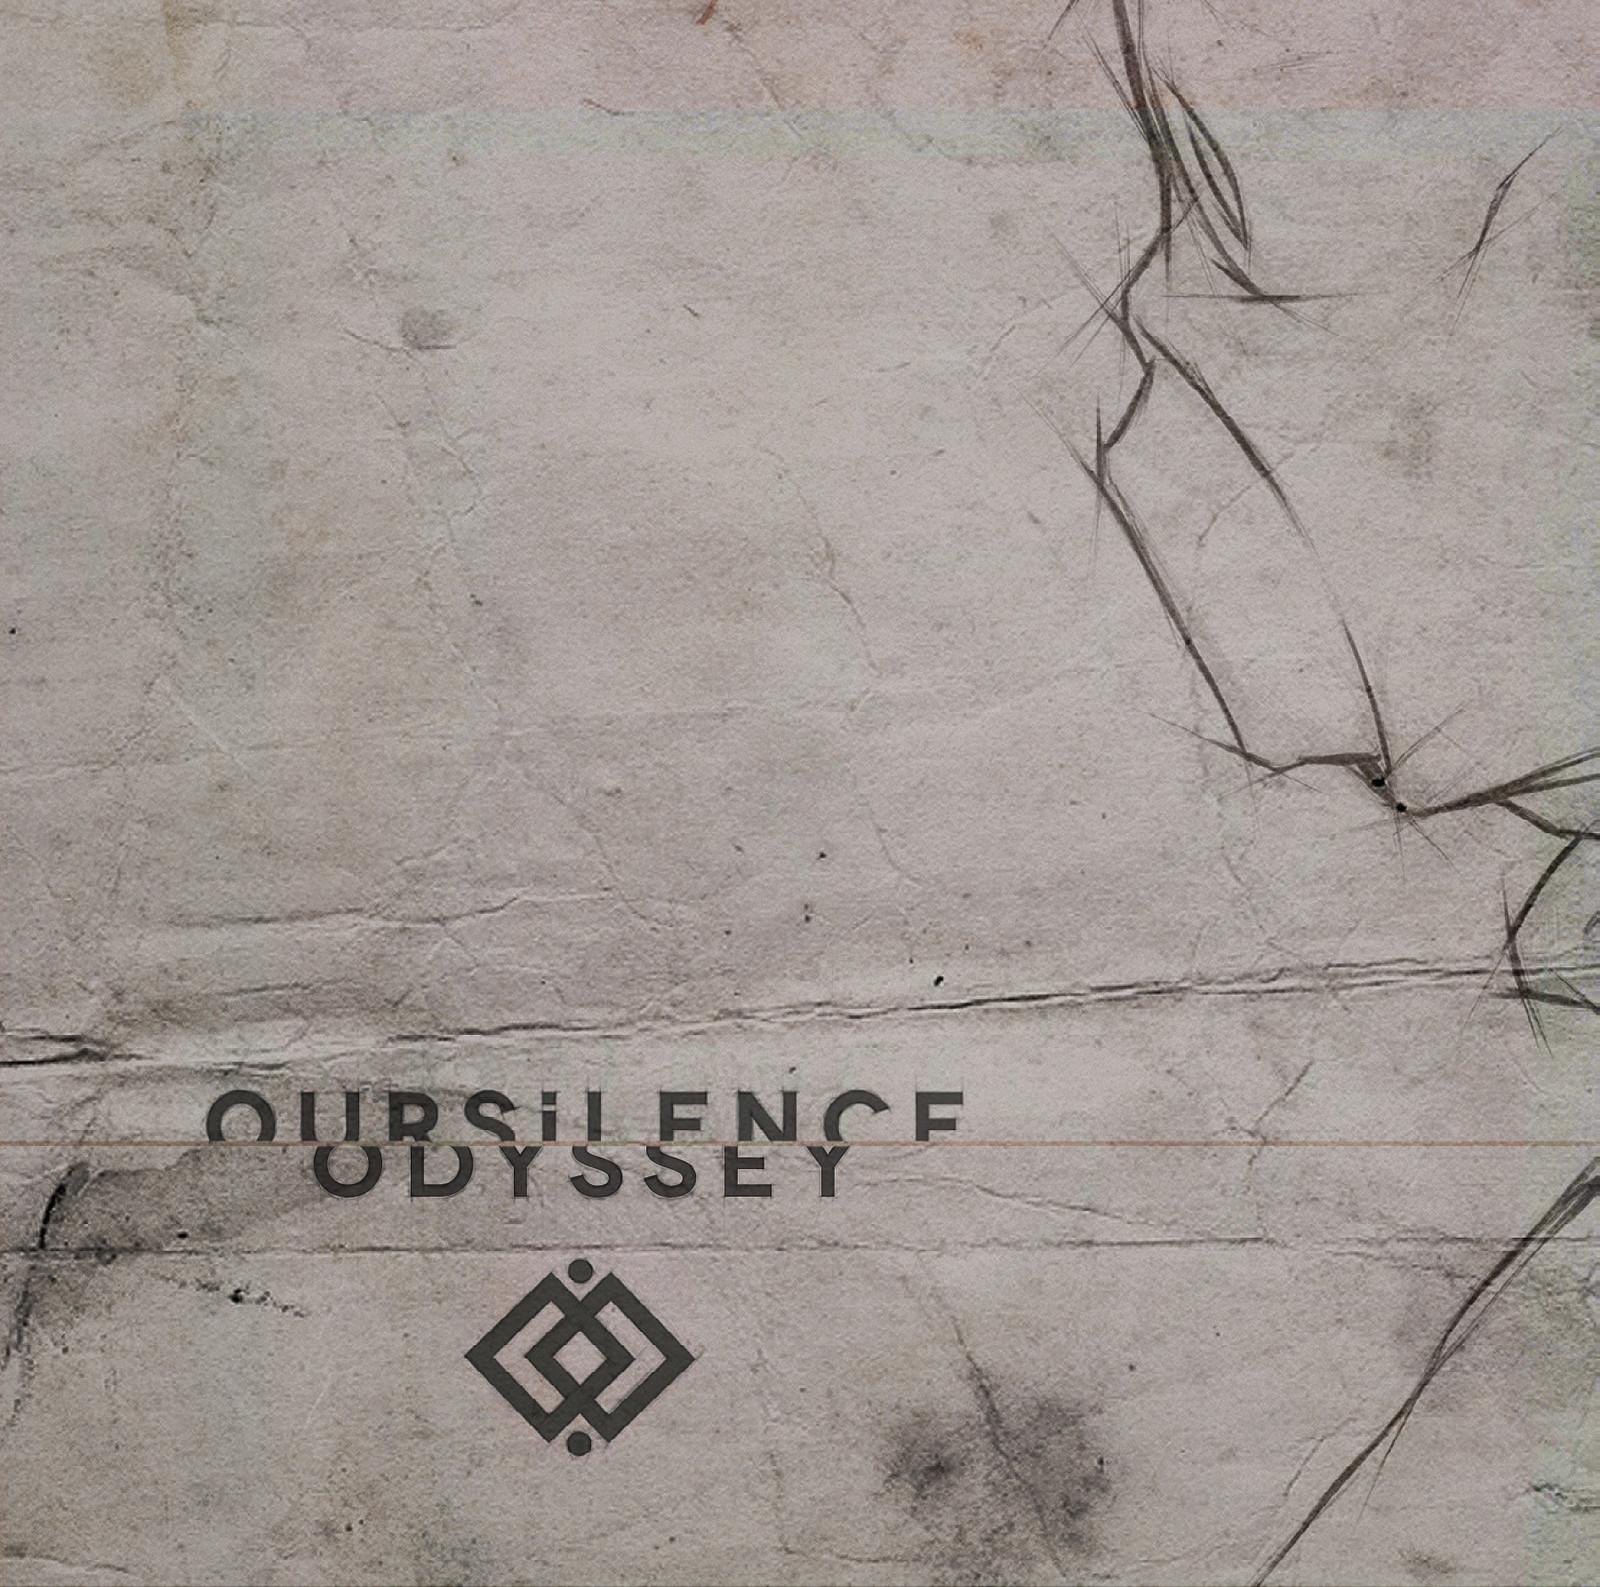 Oursilence Odyssey